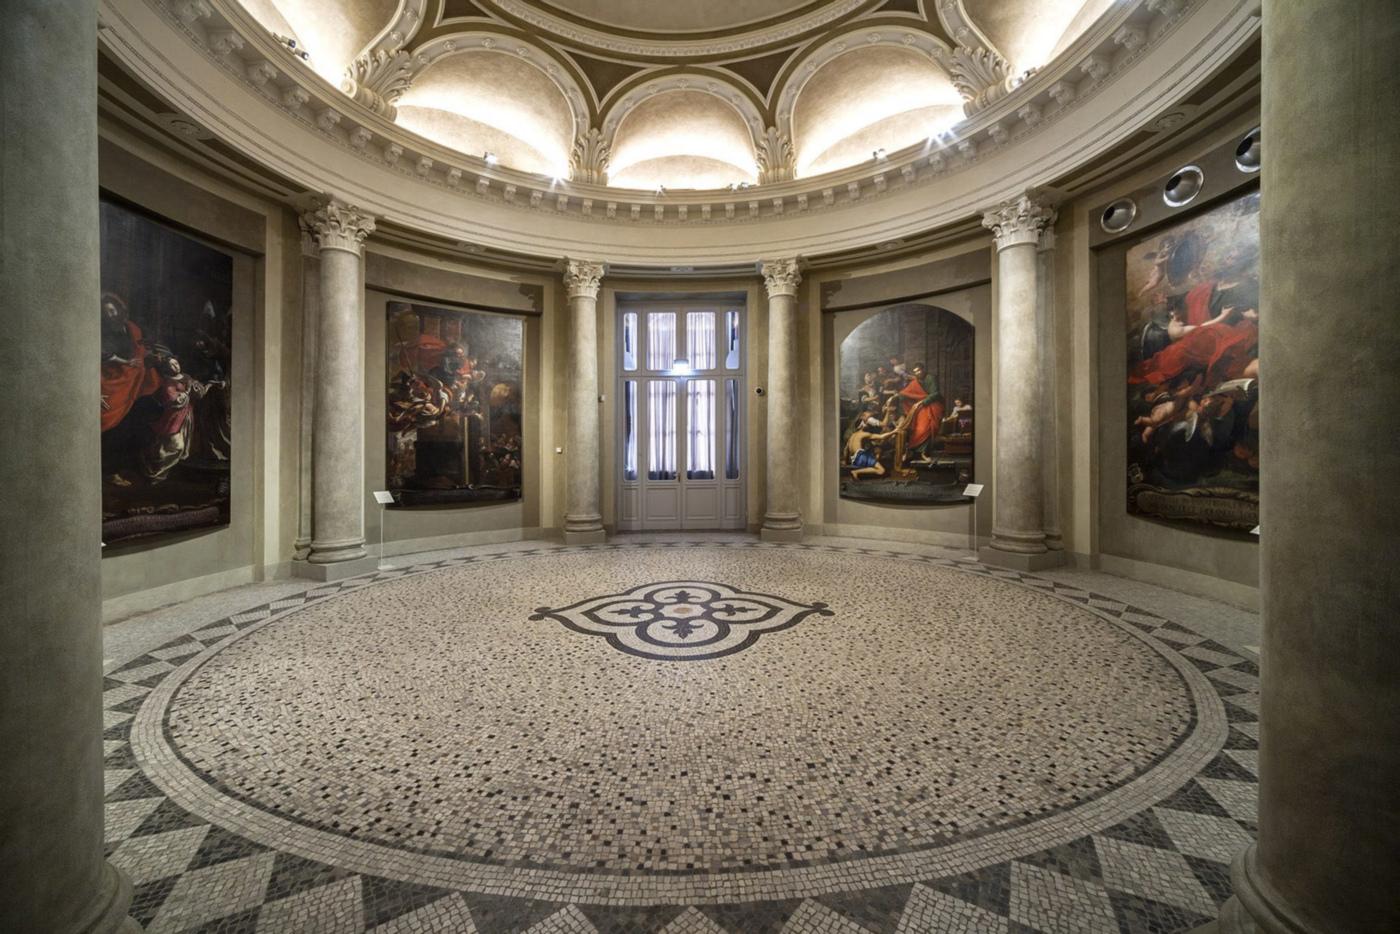 Restauro e trasformazione in uffici di un palazzo ottocentesco. La quadreria di San Paolo nell'aula ellittica | Bottega di Architettura